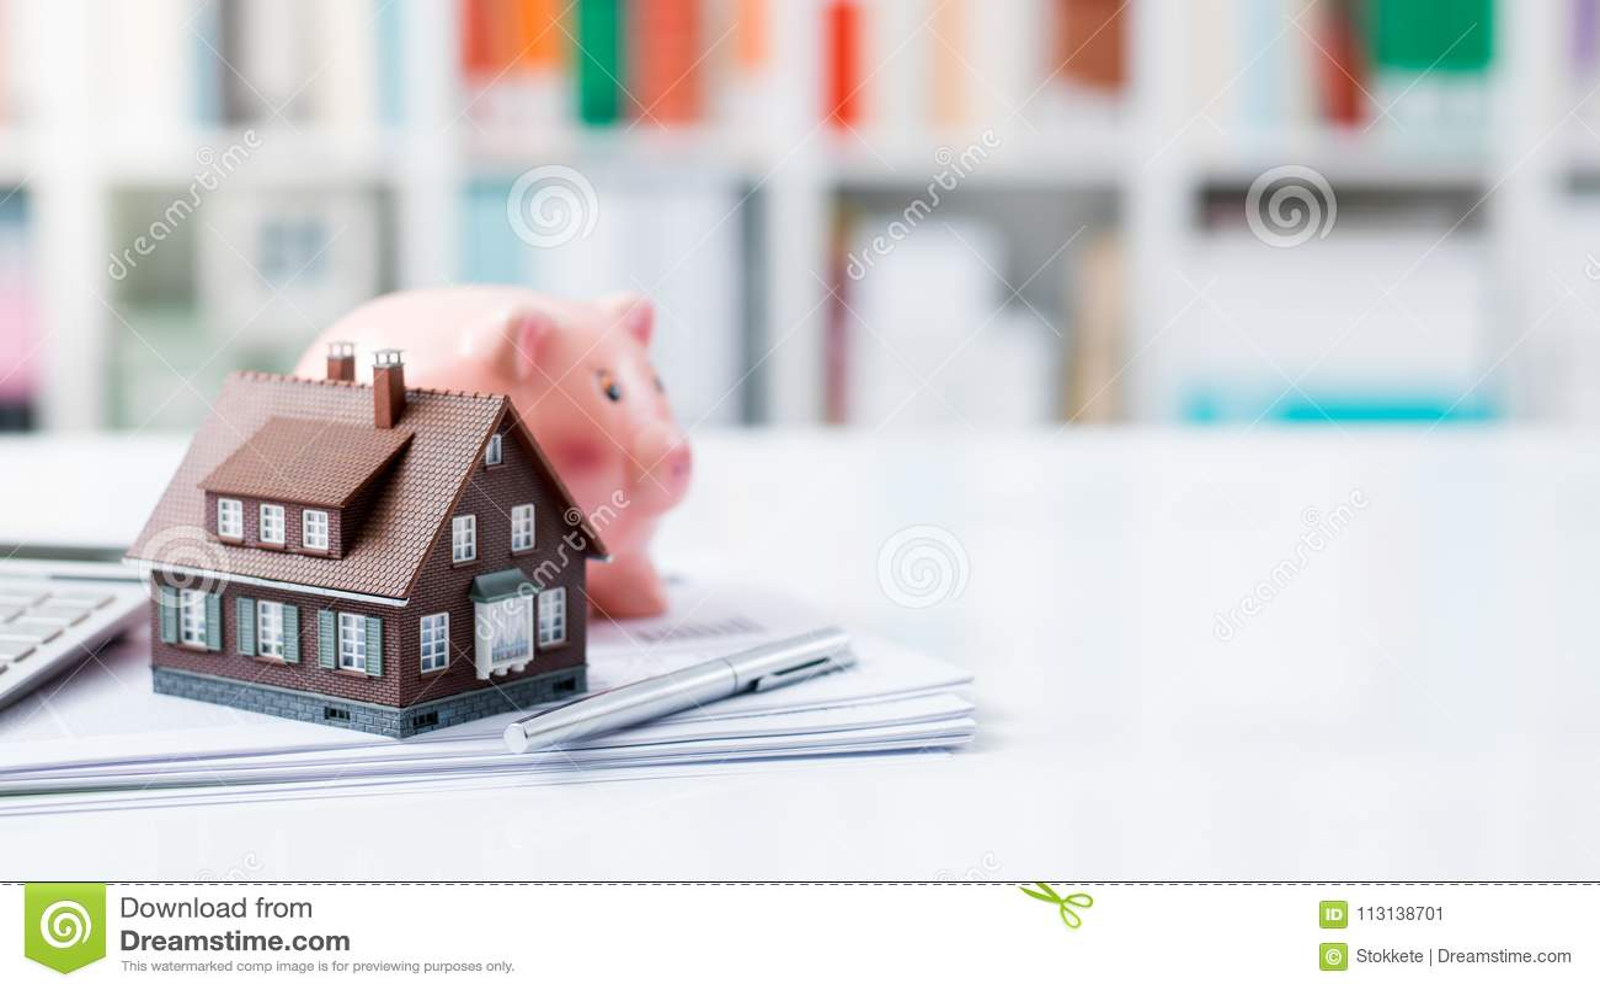 Bens imobiliários, empréstimo hipotecario e hipotecas